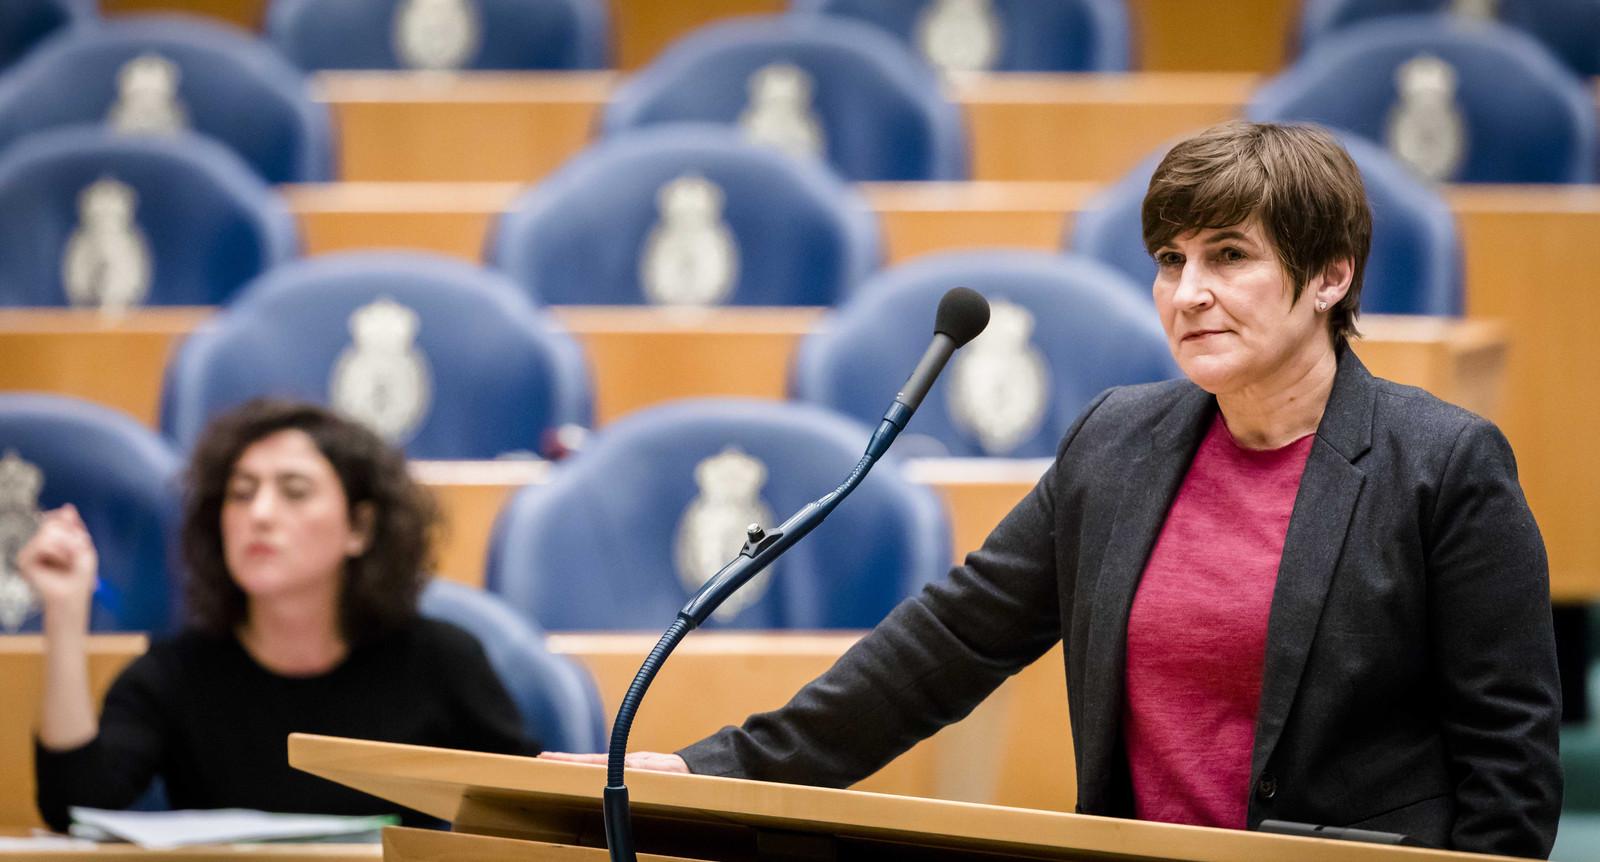 Archiefbeeld: Lilianne Ploumen (pvda) tijdens een plenair debat in de Tweede Kamer